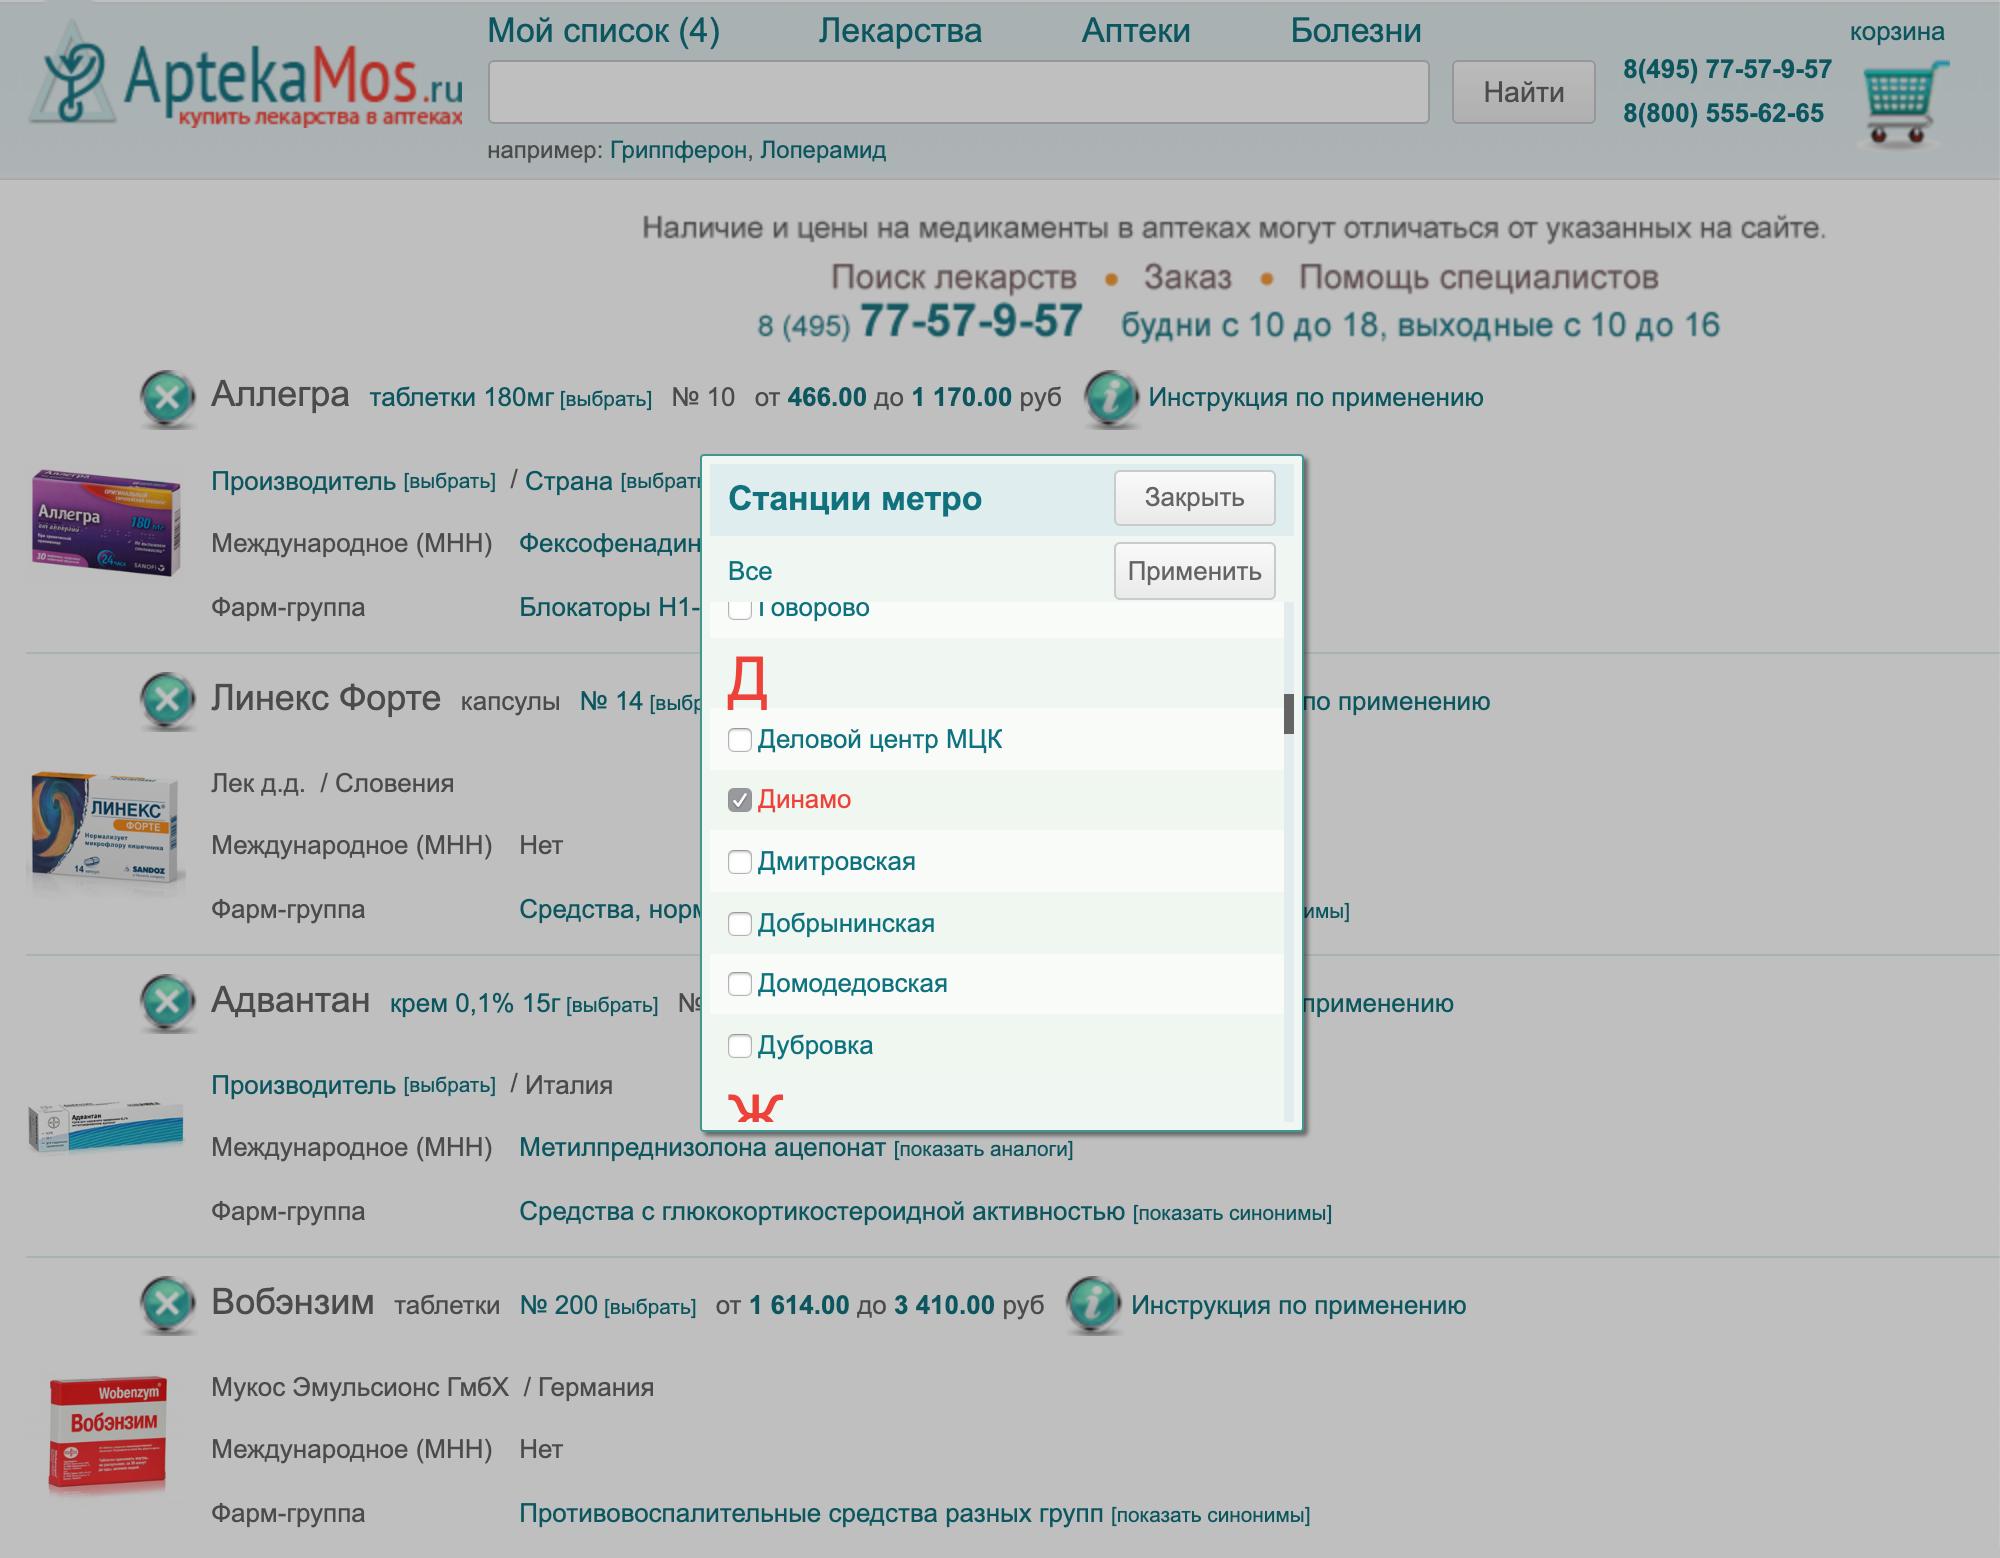 54883abccf9d5 Формирую список нужных лекарств Шаг 2. Выбираю станцию метро, на которой  удобно забрать лекарства